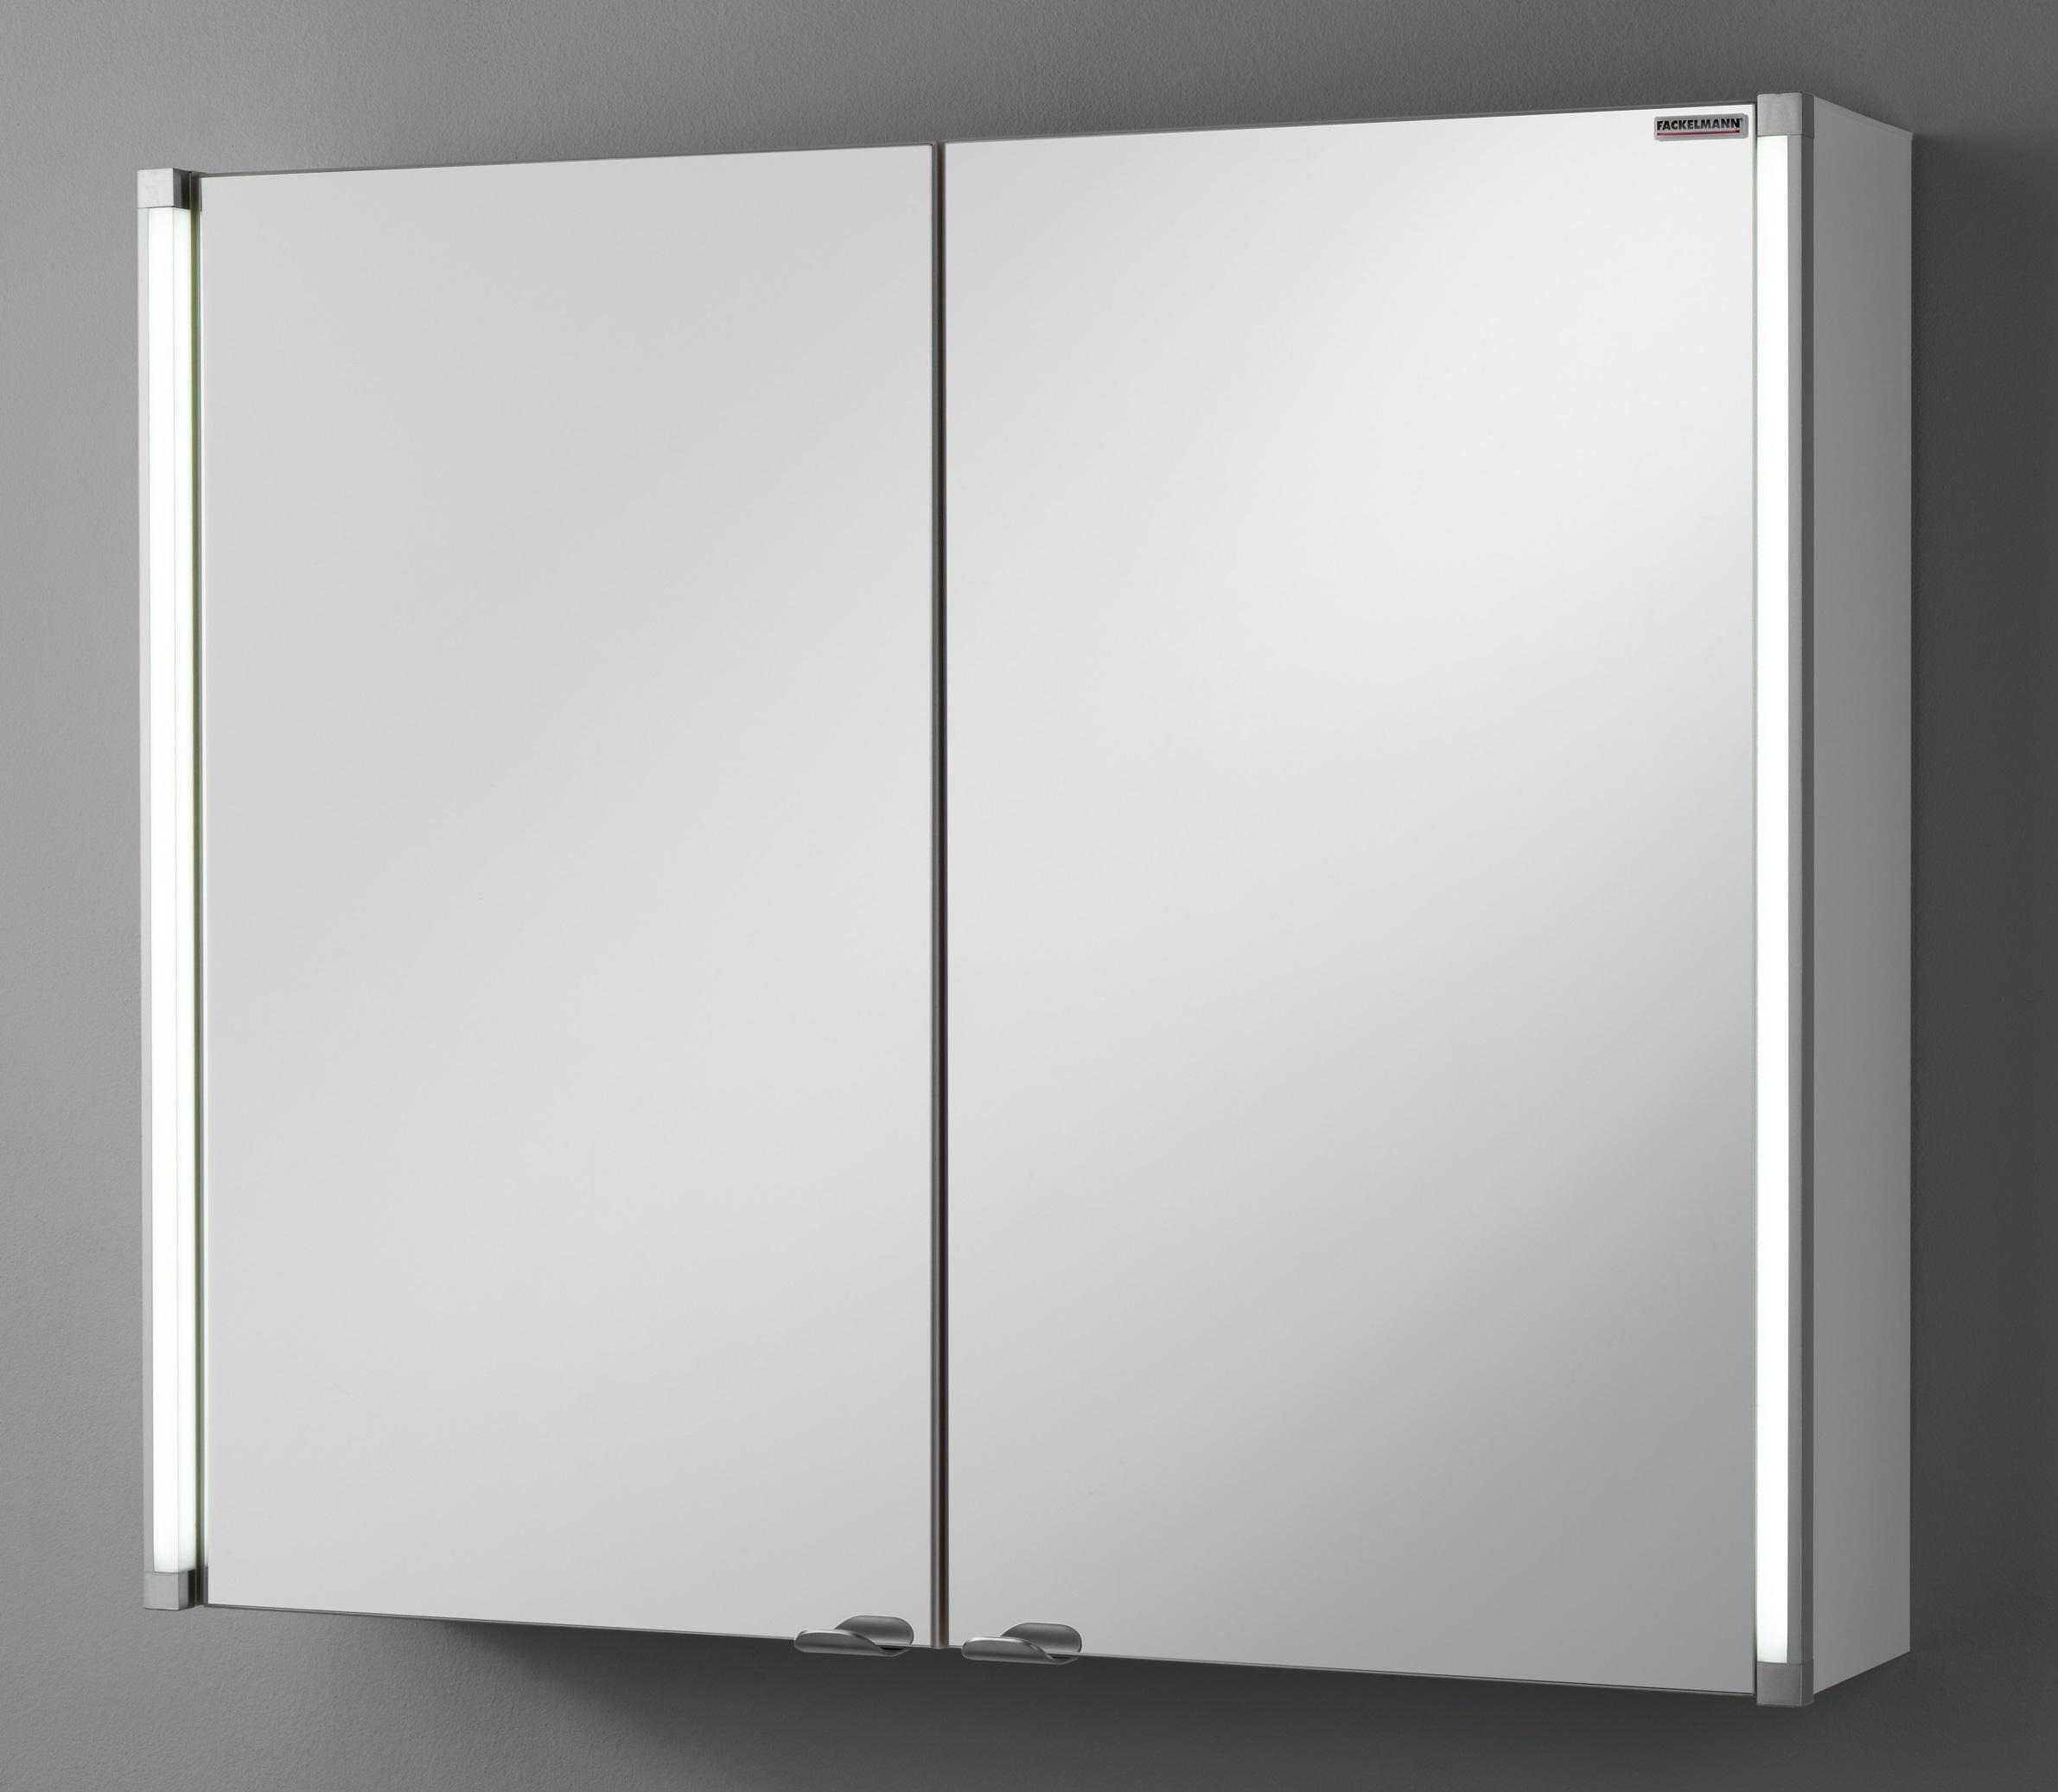 Schulz badprofi fackelmann spiegelschrank led line 80 for Spiegelschrank 110 cm breit